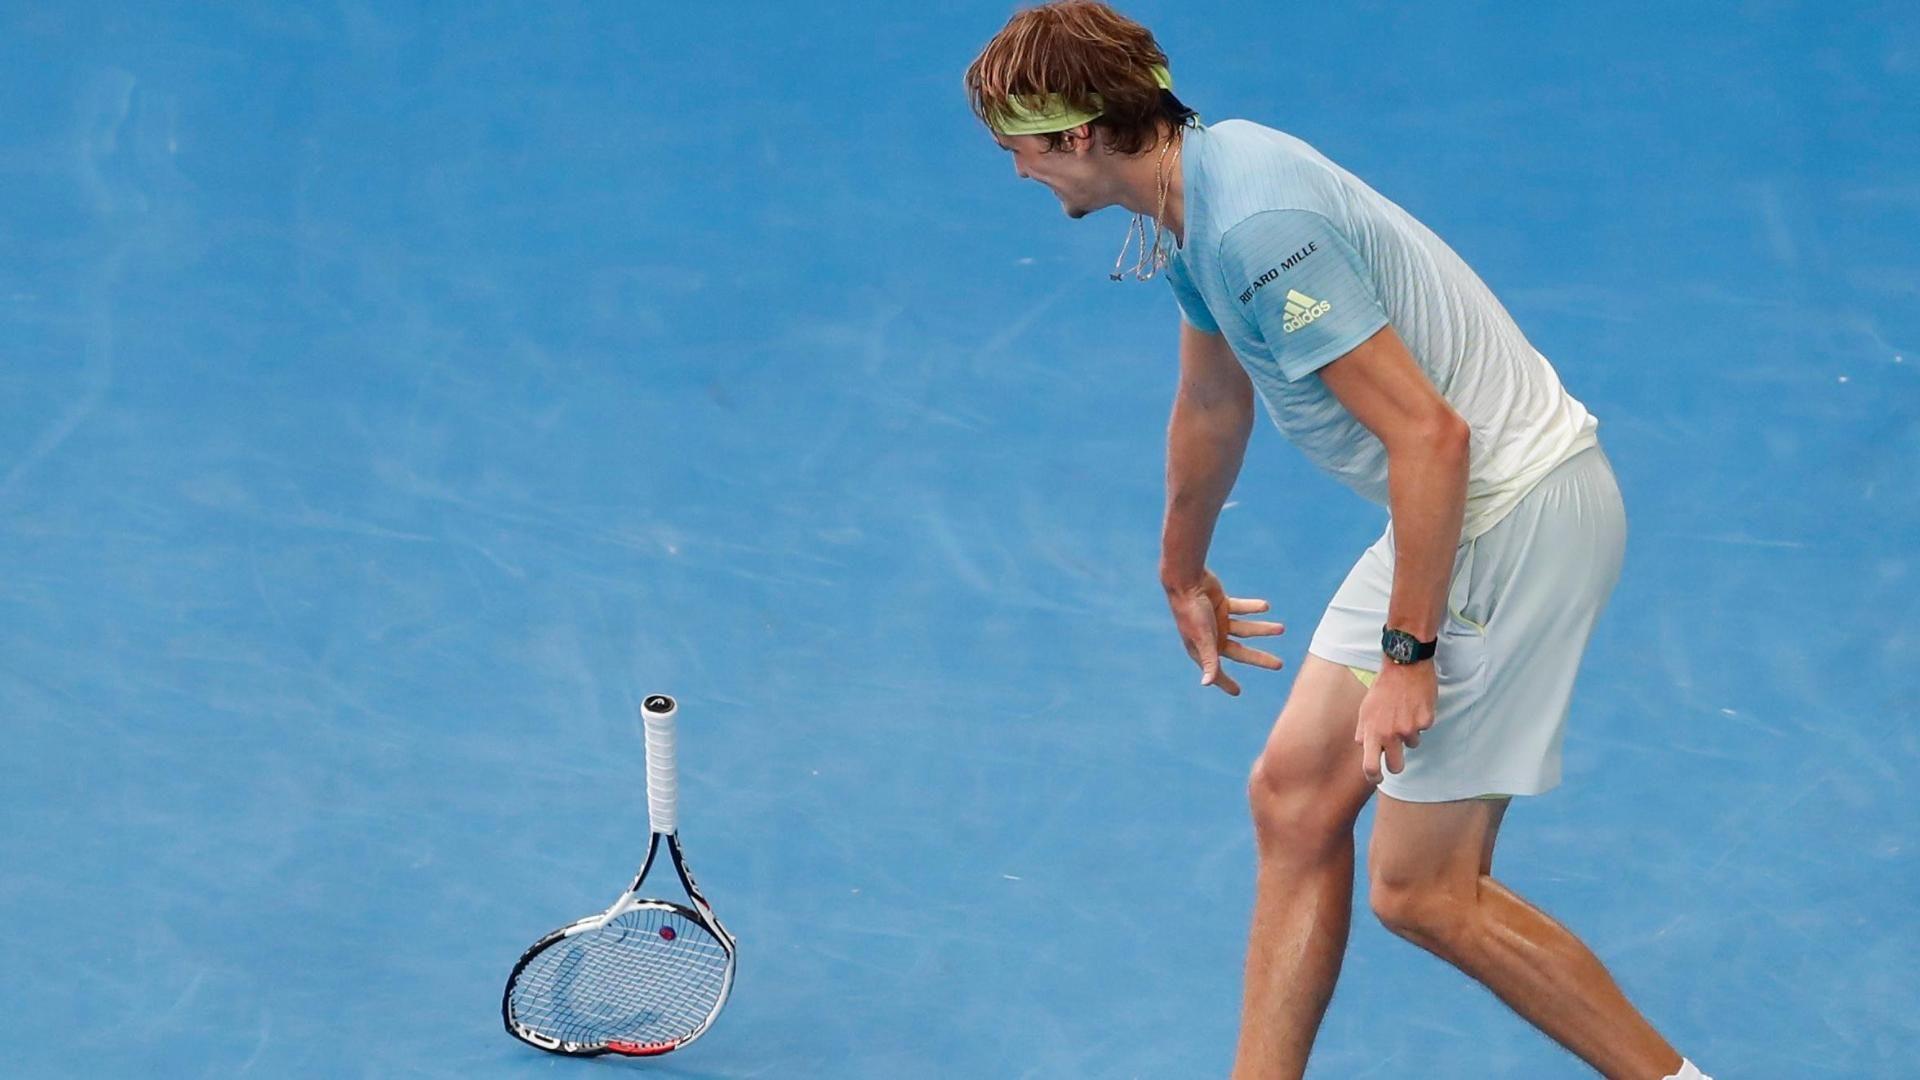 Zverev breaks racket after losing break point